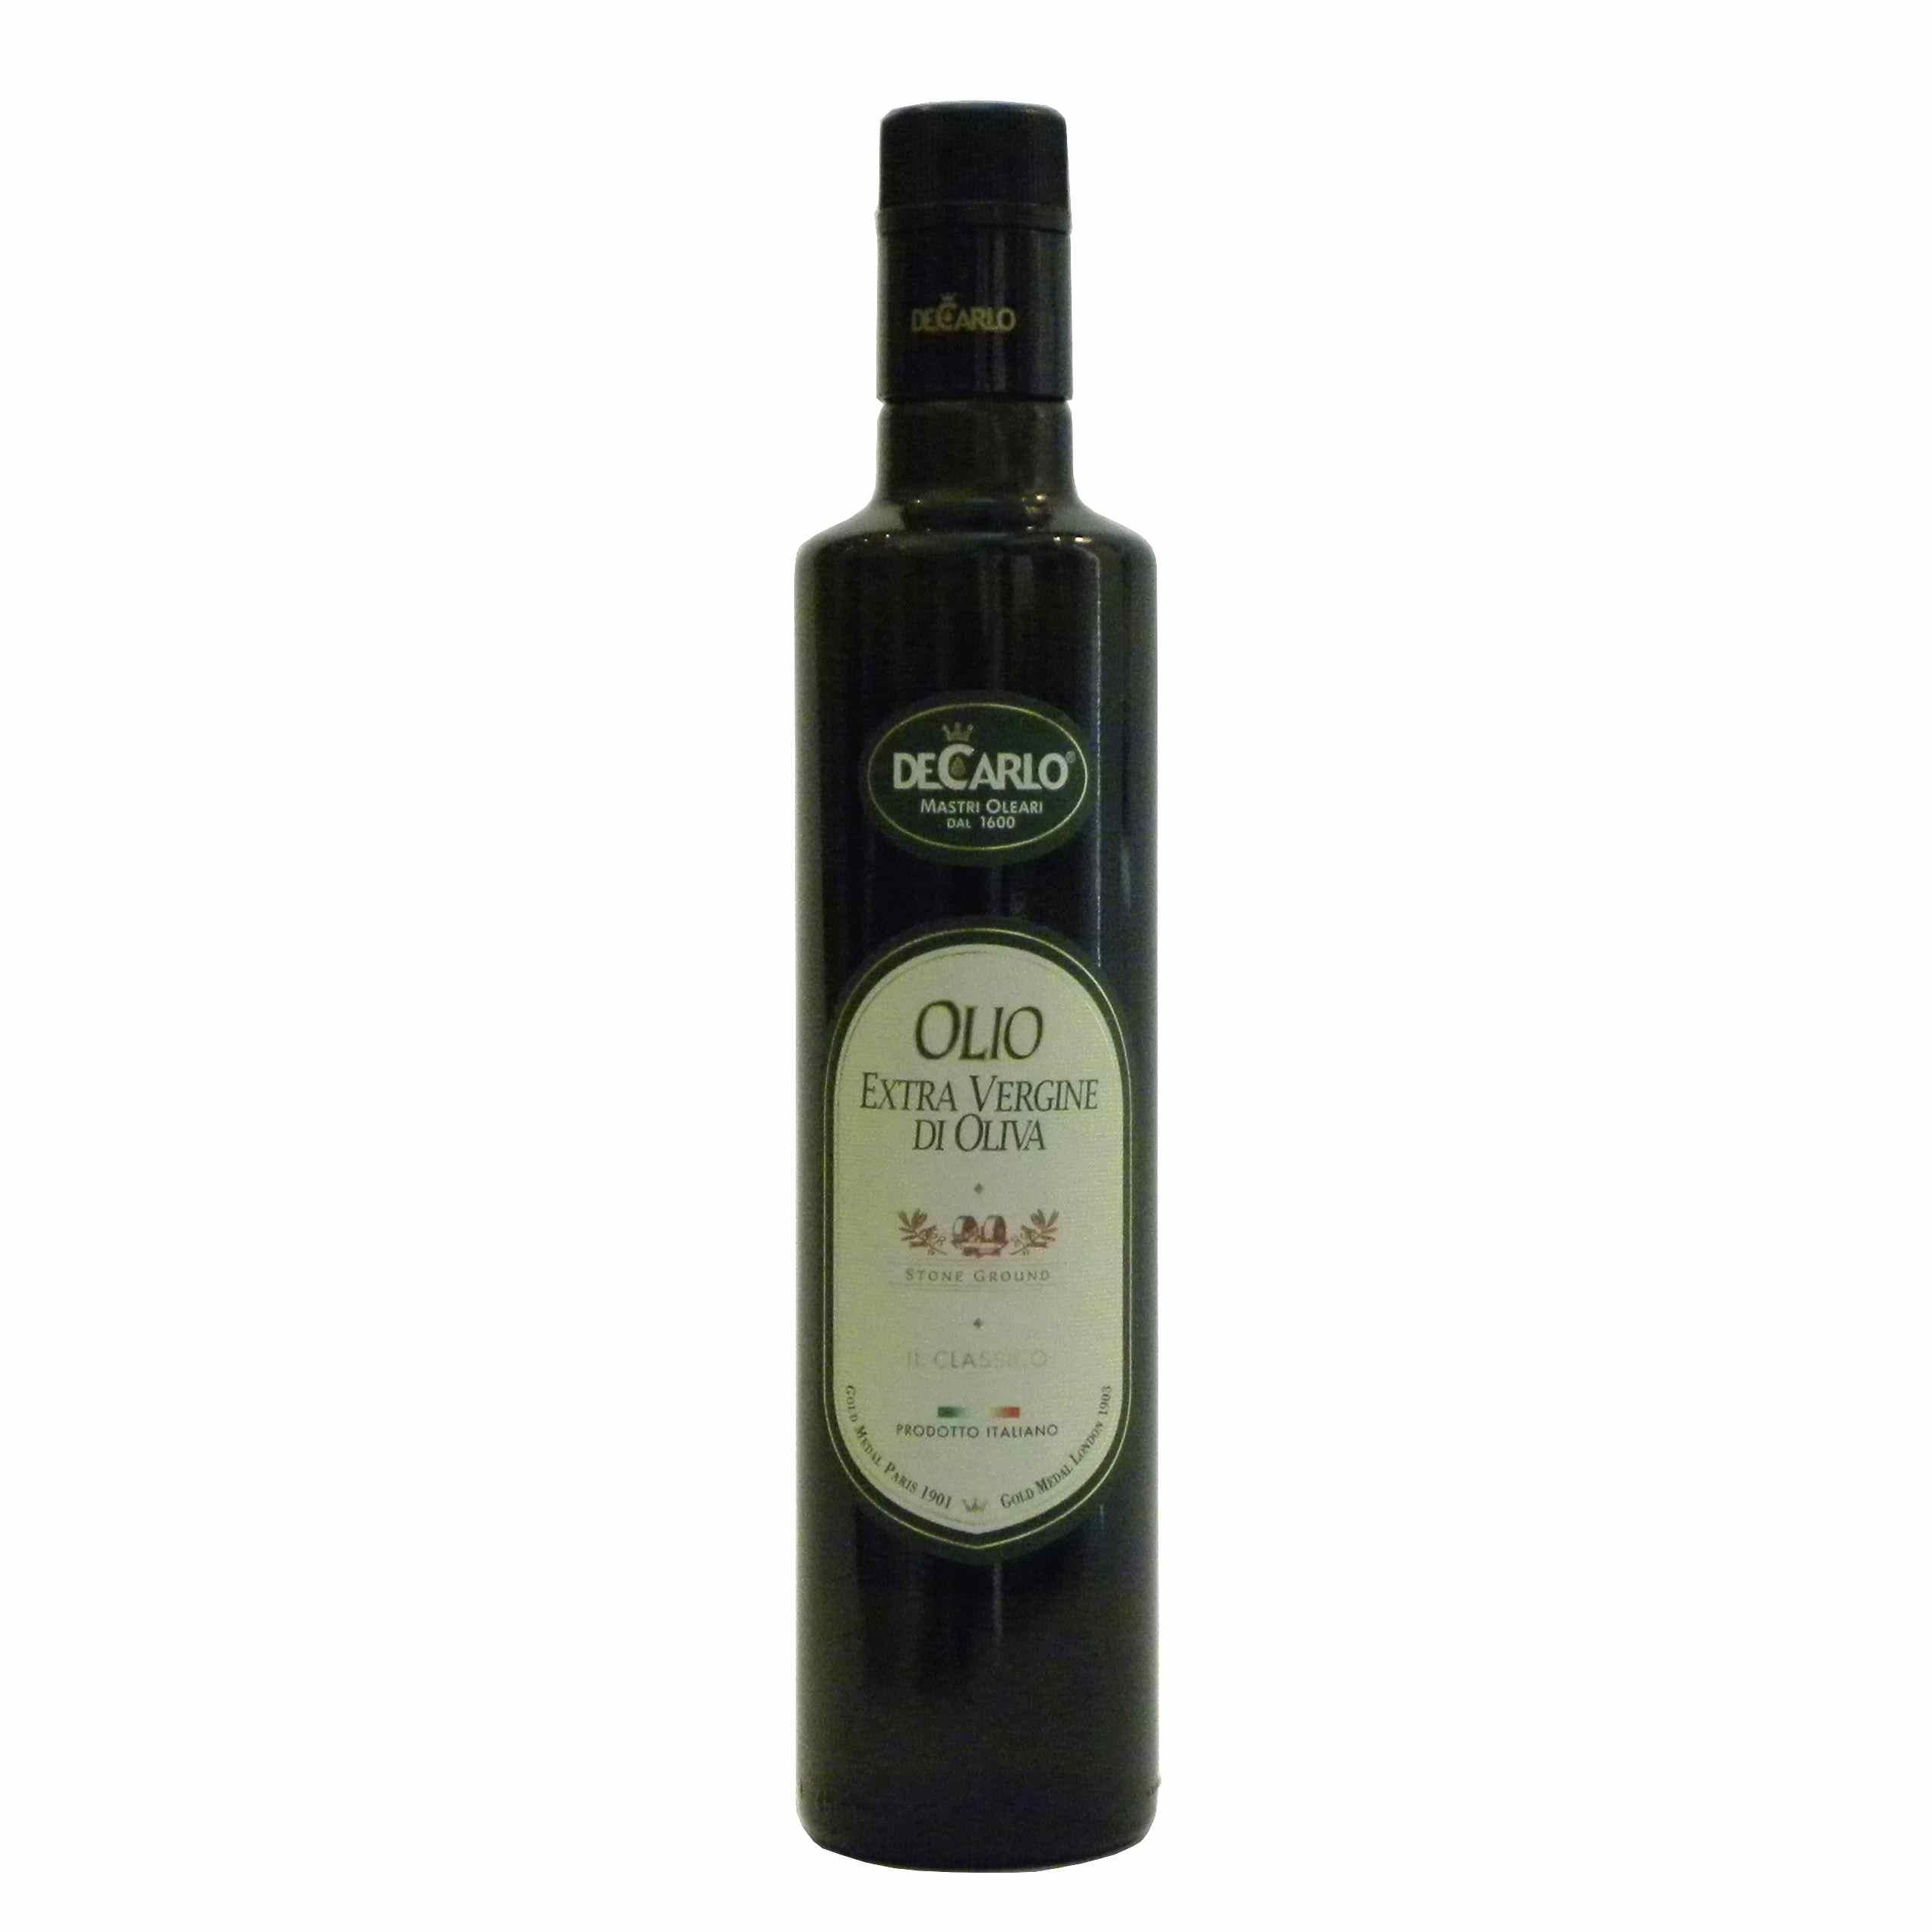 De Carlo Olio Extravergine Il Classico – De Carlo Il Classico Extra Virgin Olive Oil – Gustorotondo – Italian food boutique